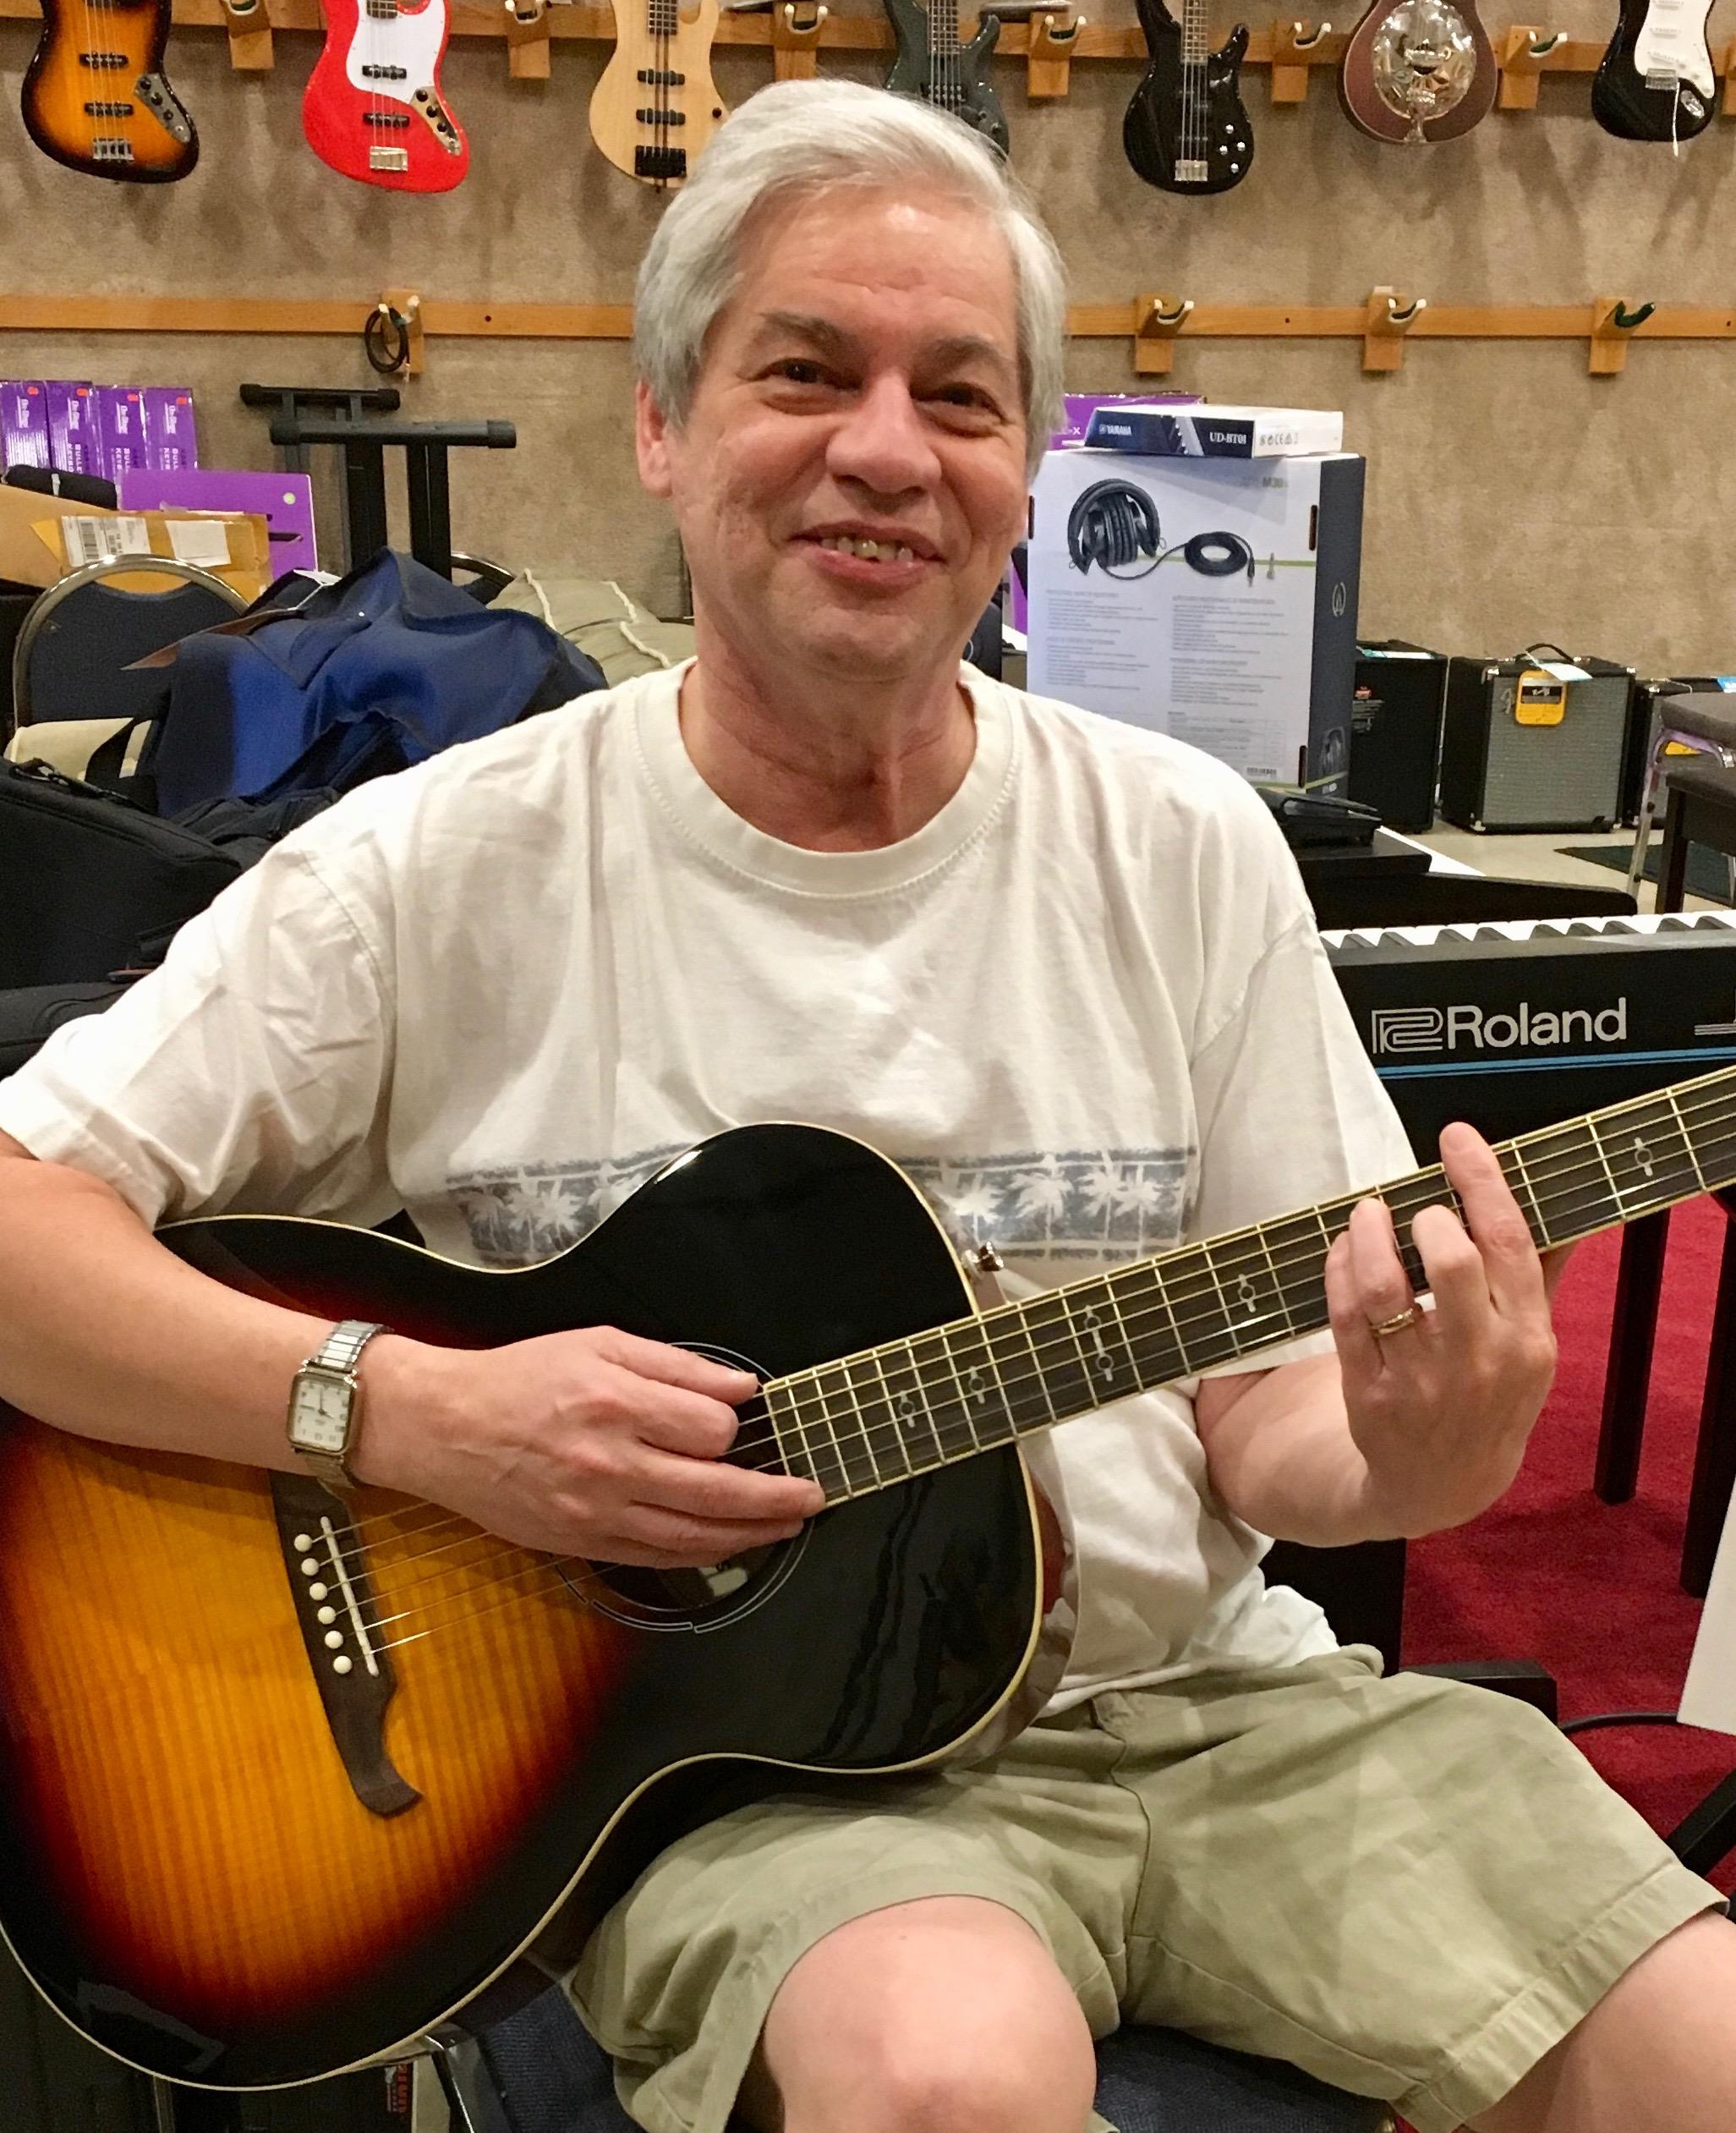 Philip Johansen